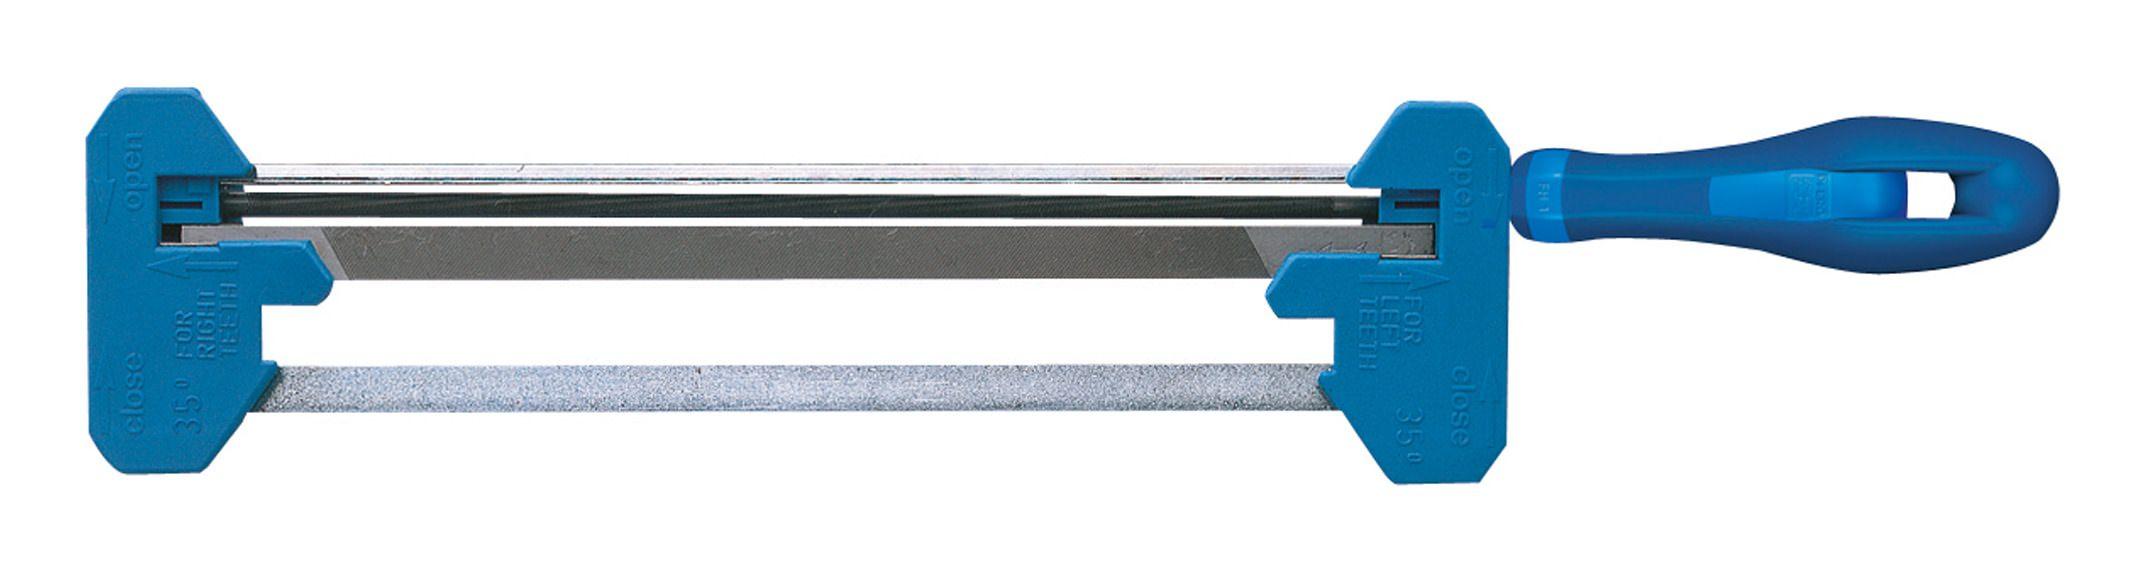 Kettensägen-Schärfgerät KSSG 90 / 4,8mm - KSSG 90-4,8